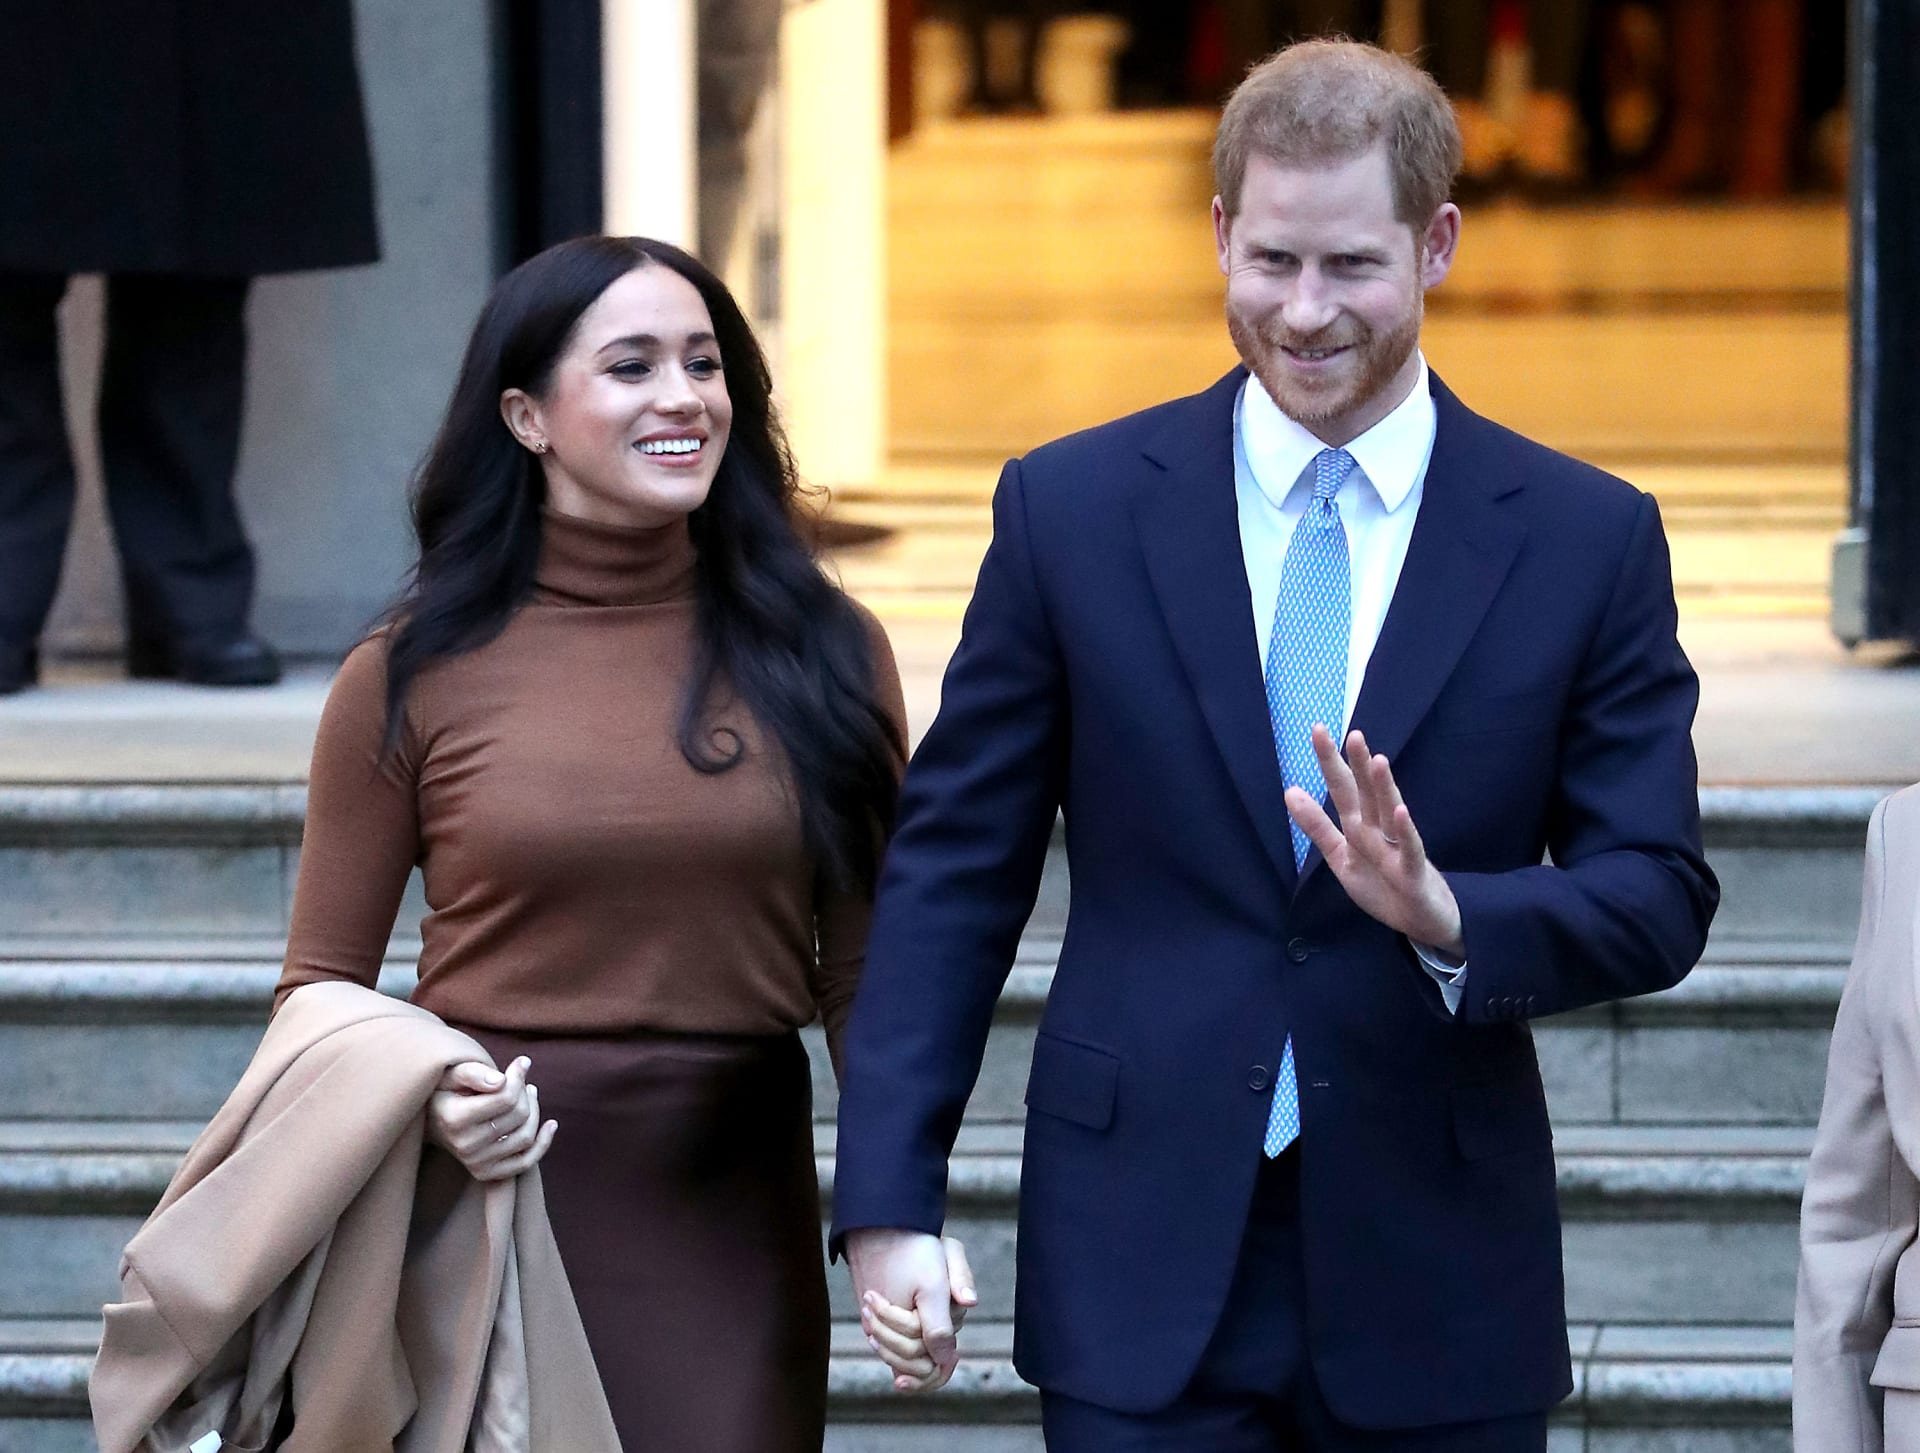 الأمير هاري وميغان يكشفان عن أول برنامج لهما على نتفليكس